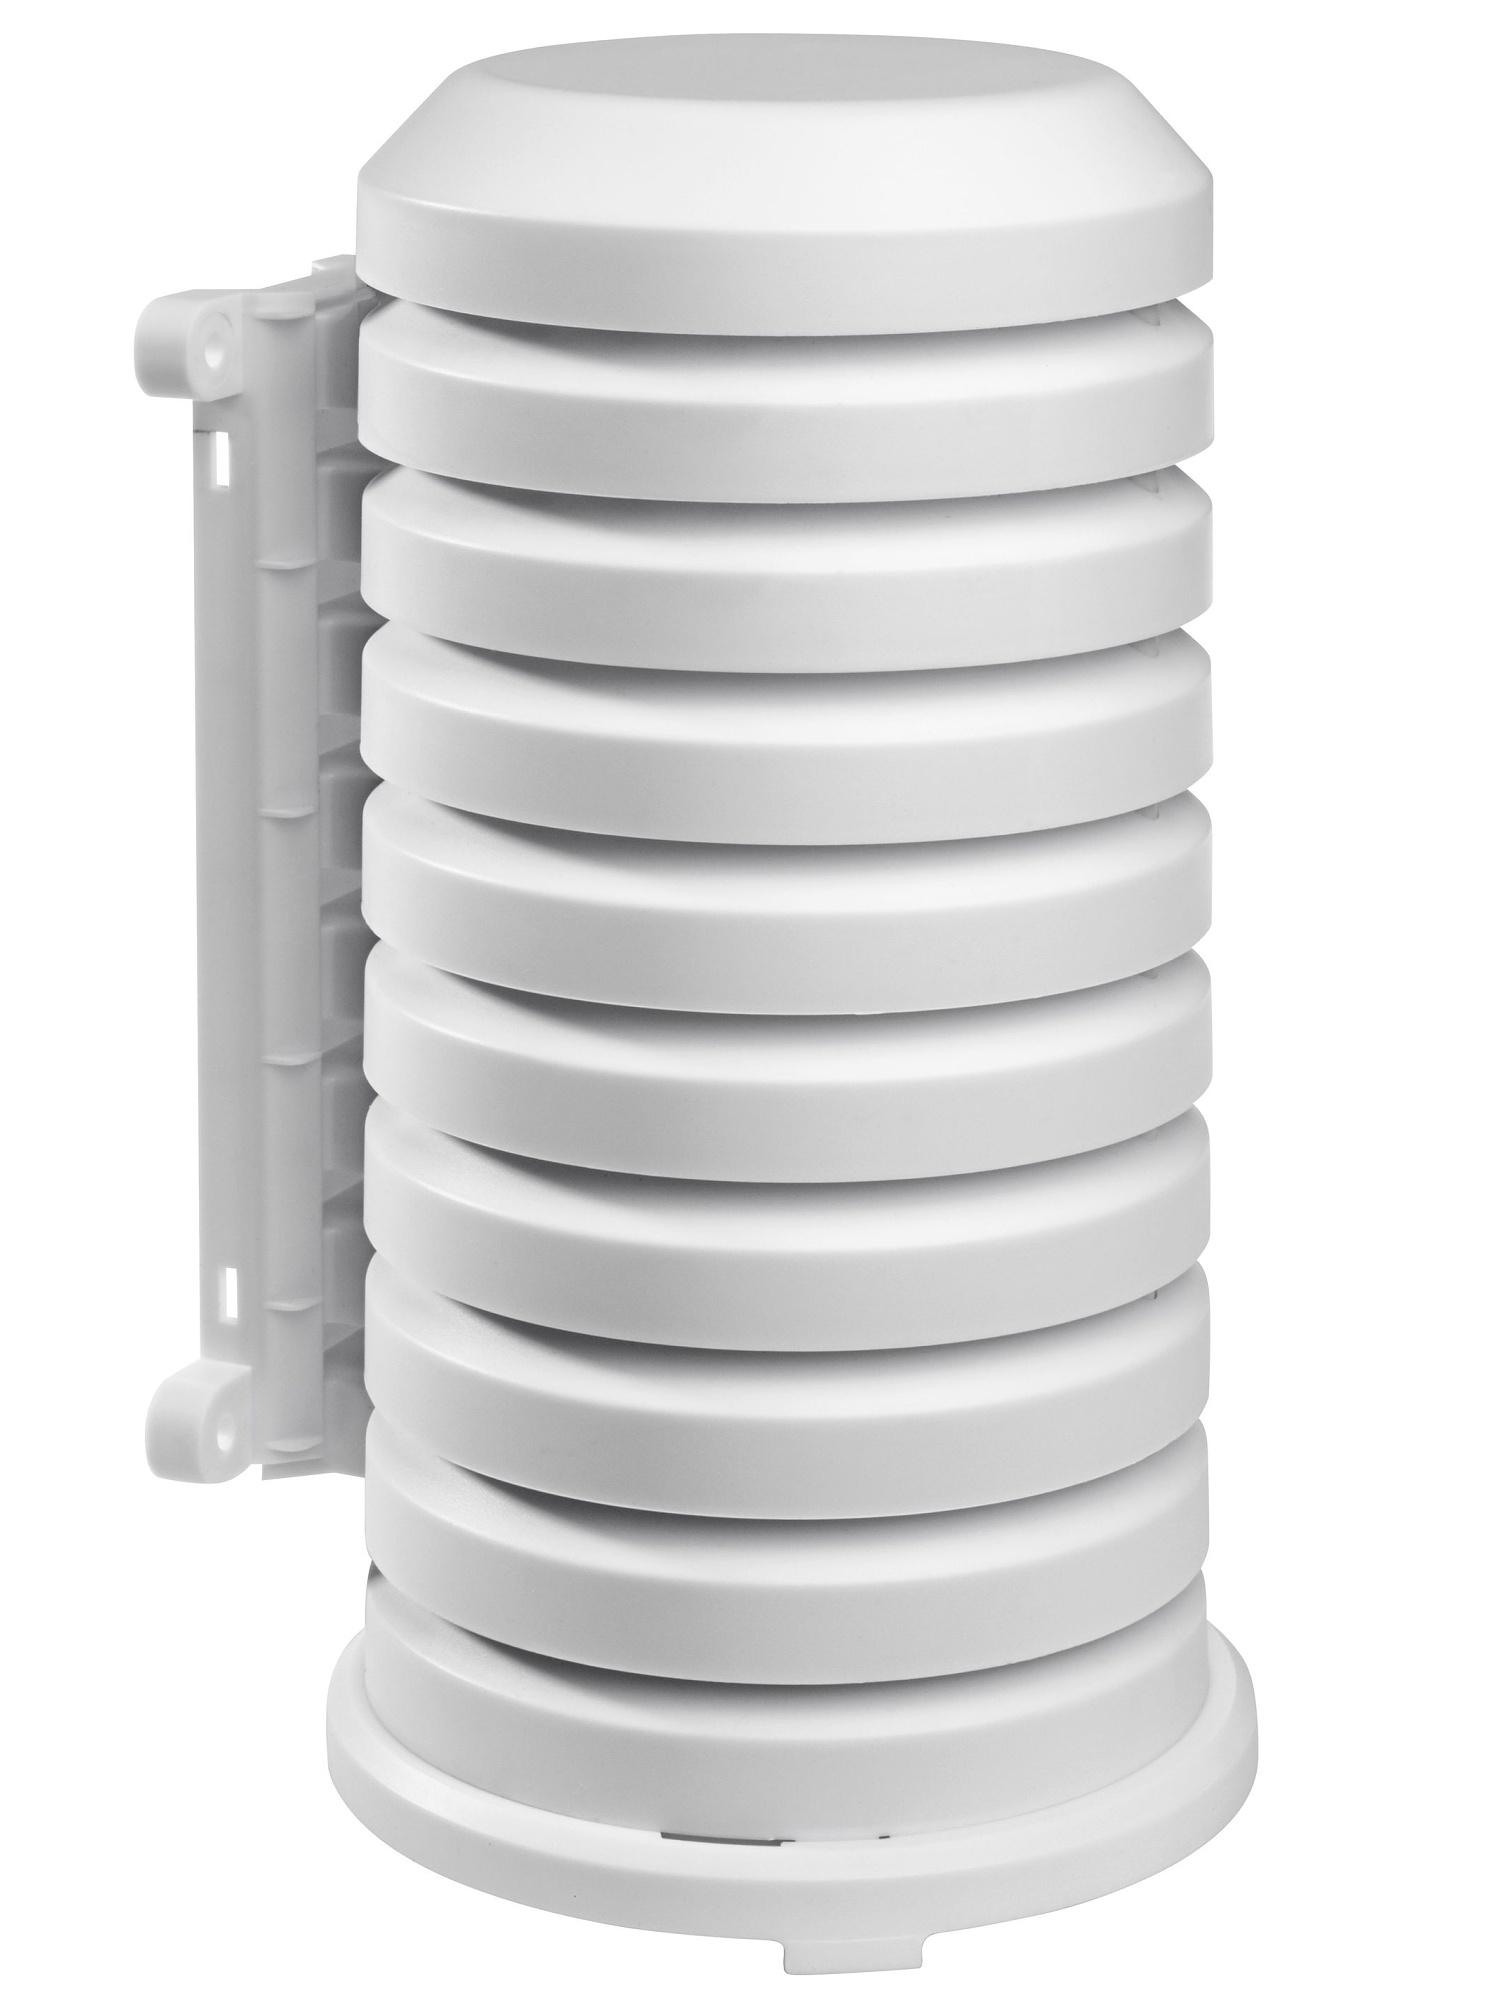 TFA Dostmann Radiační štít pro teplotní a vlhkostní čidla TFA 98.1114.02